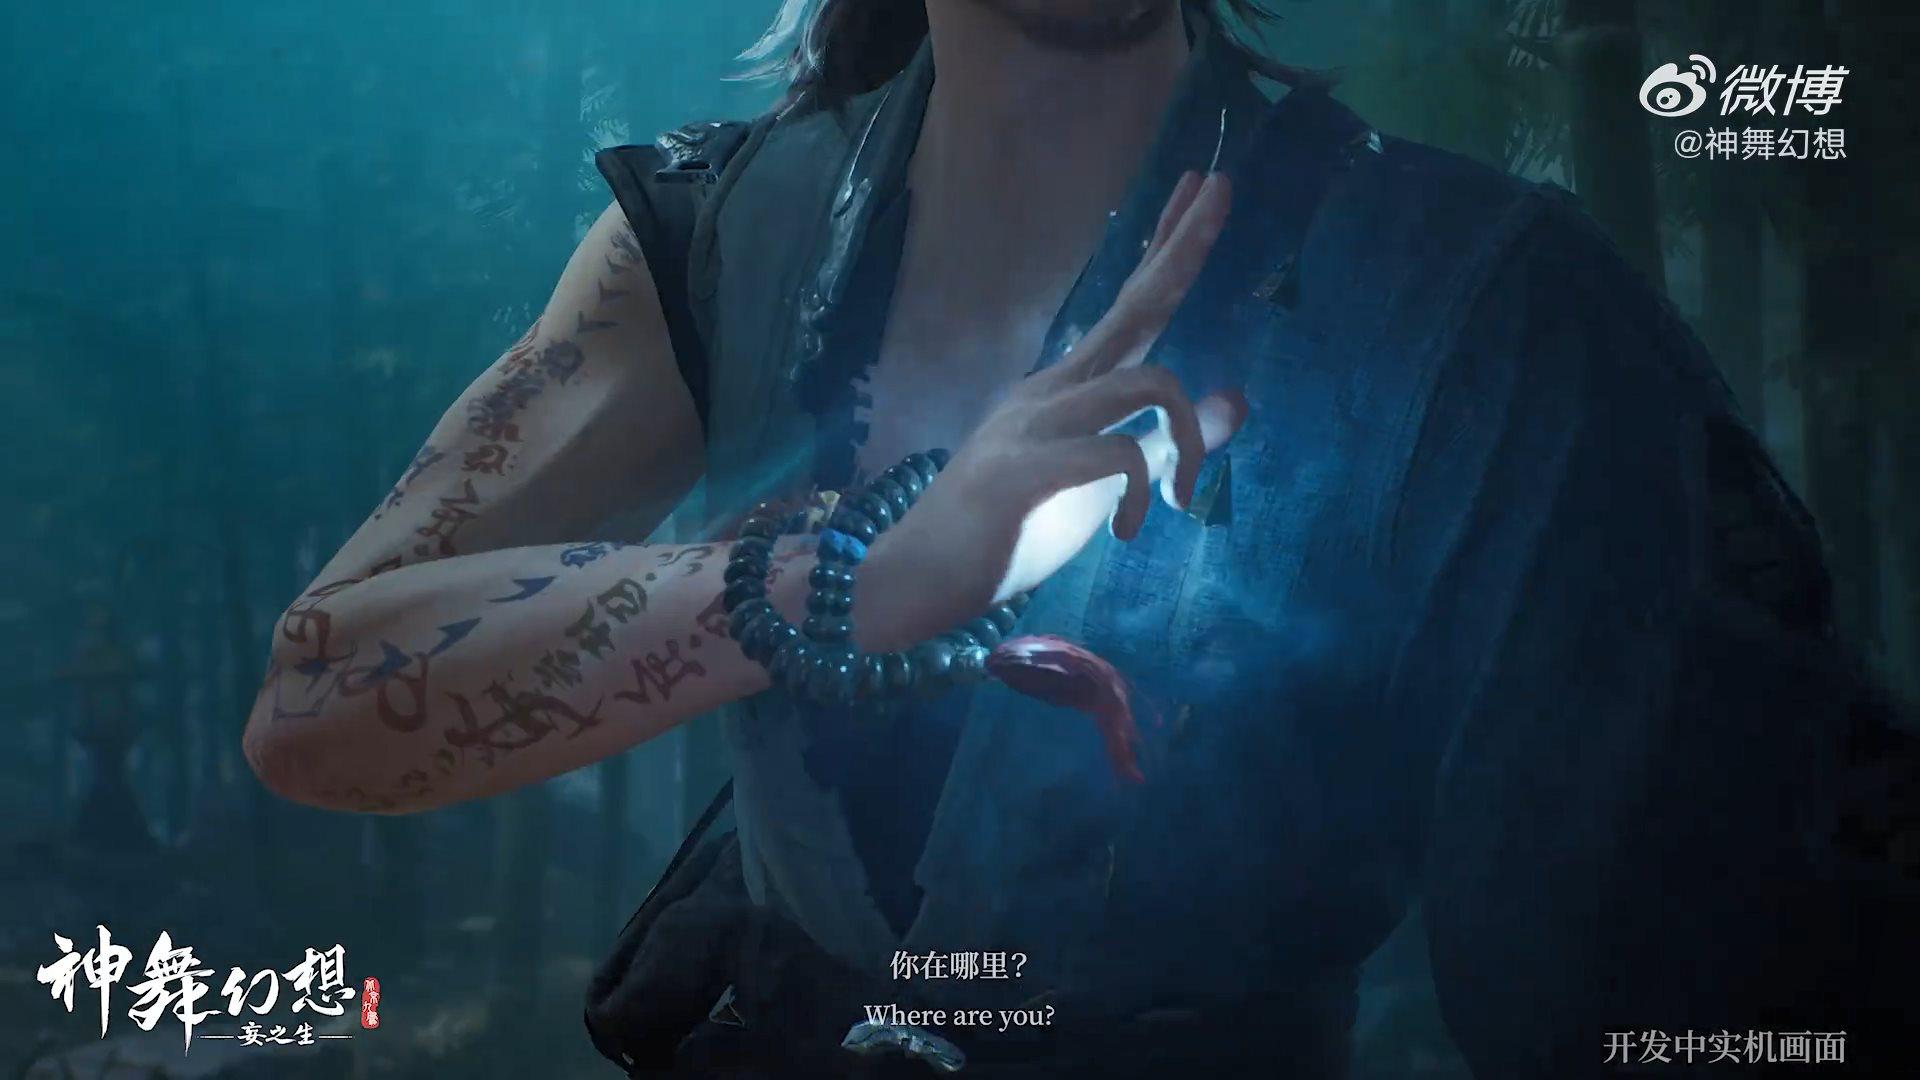 网元圣唐《神舞幻想:妄之生》正式公开 首段预告片发布